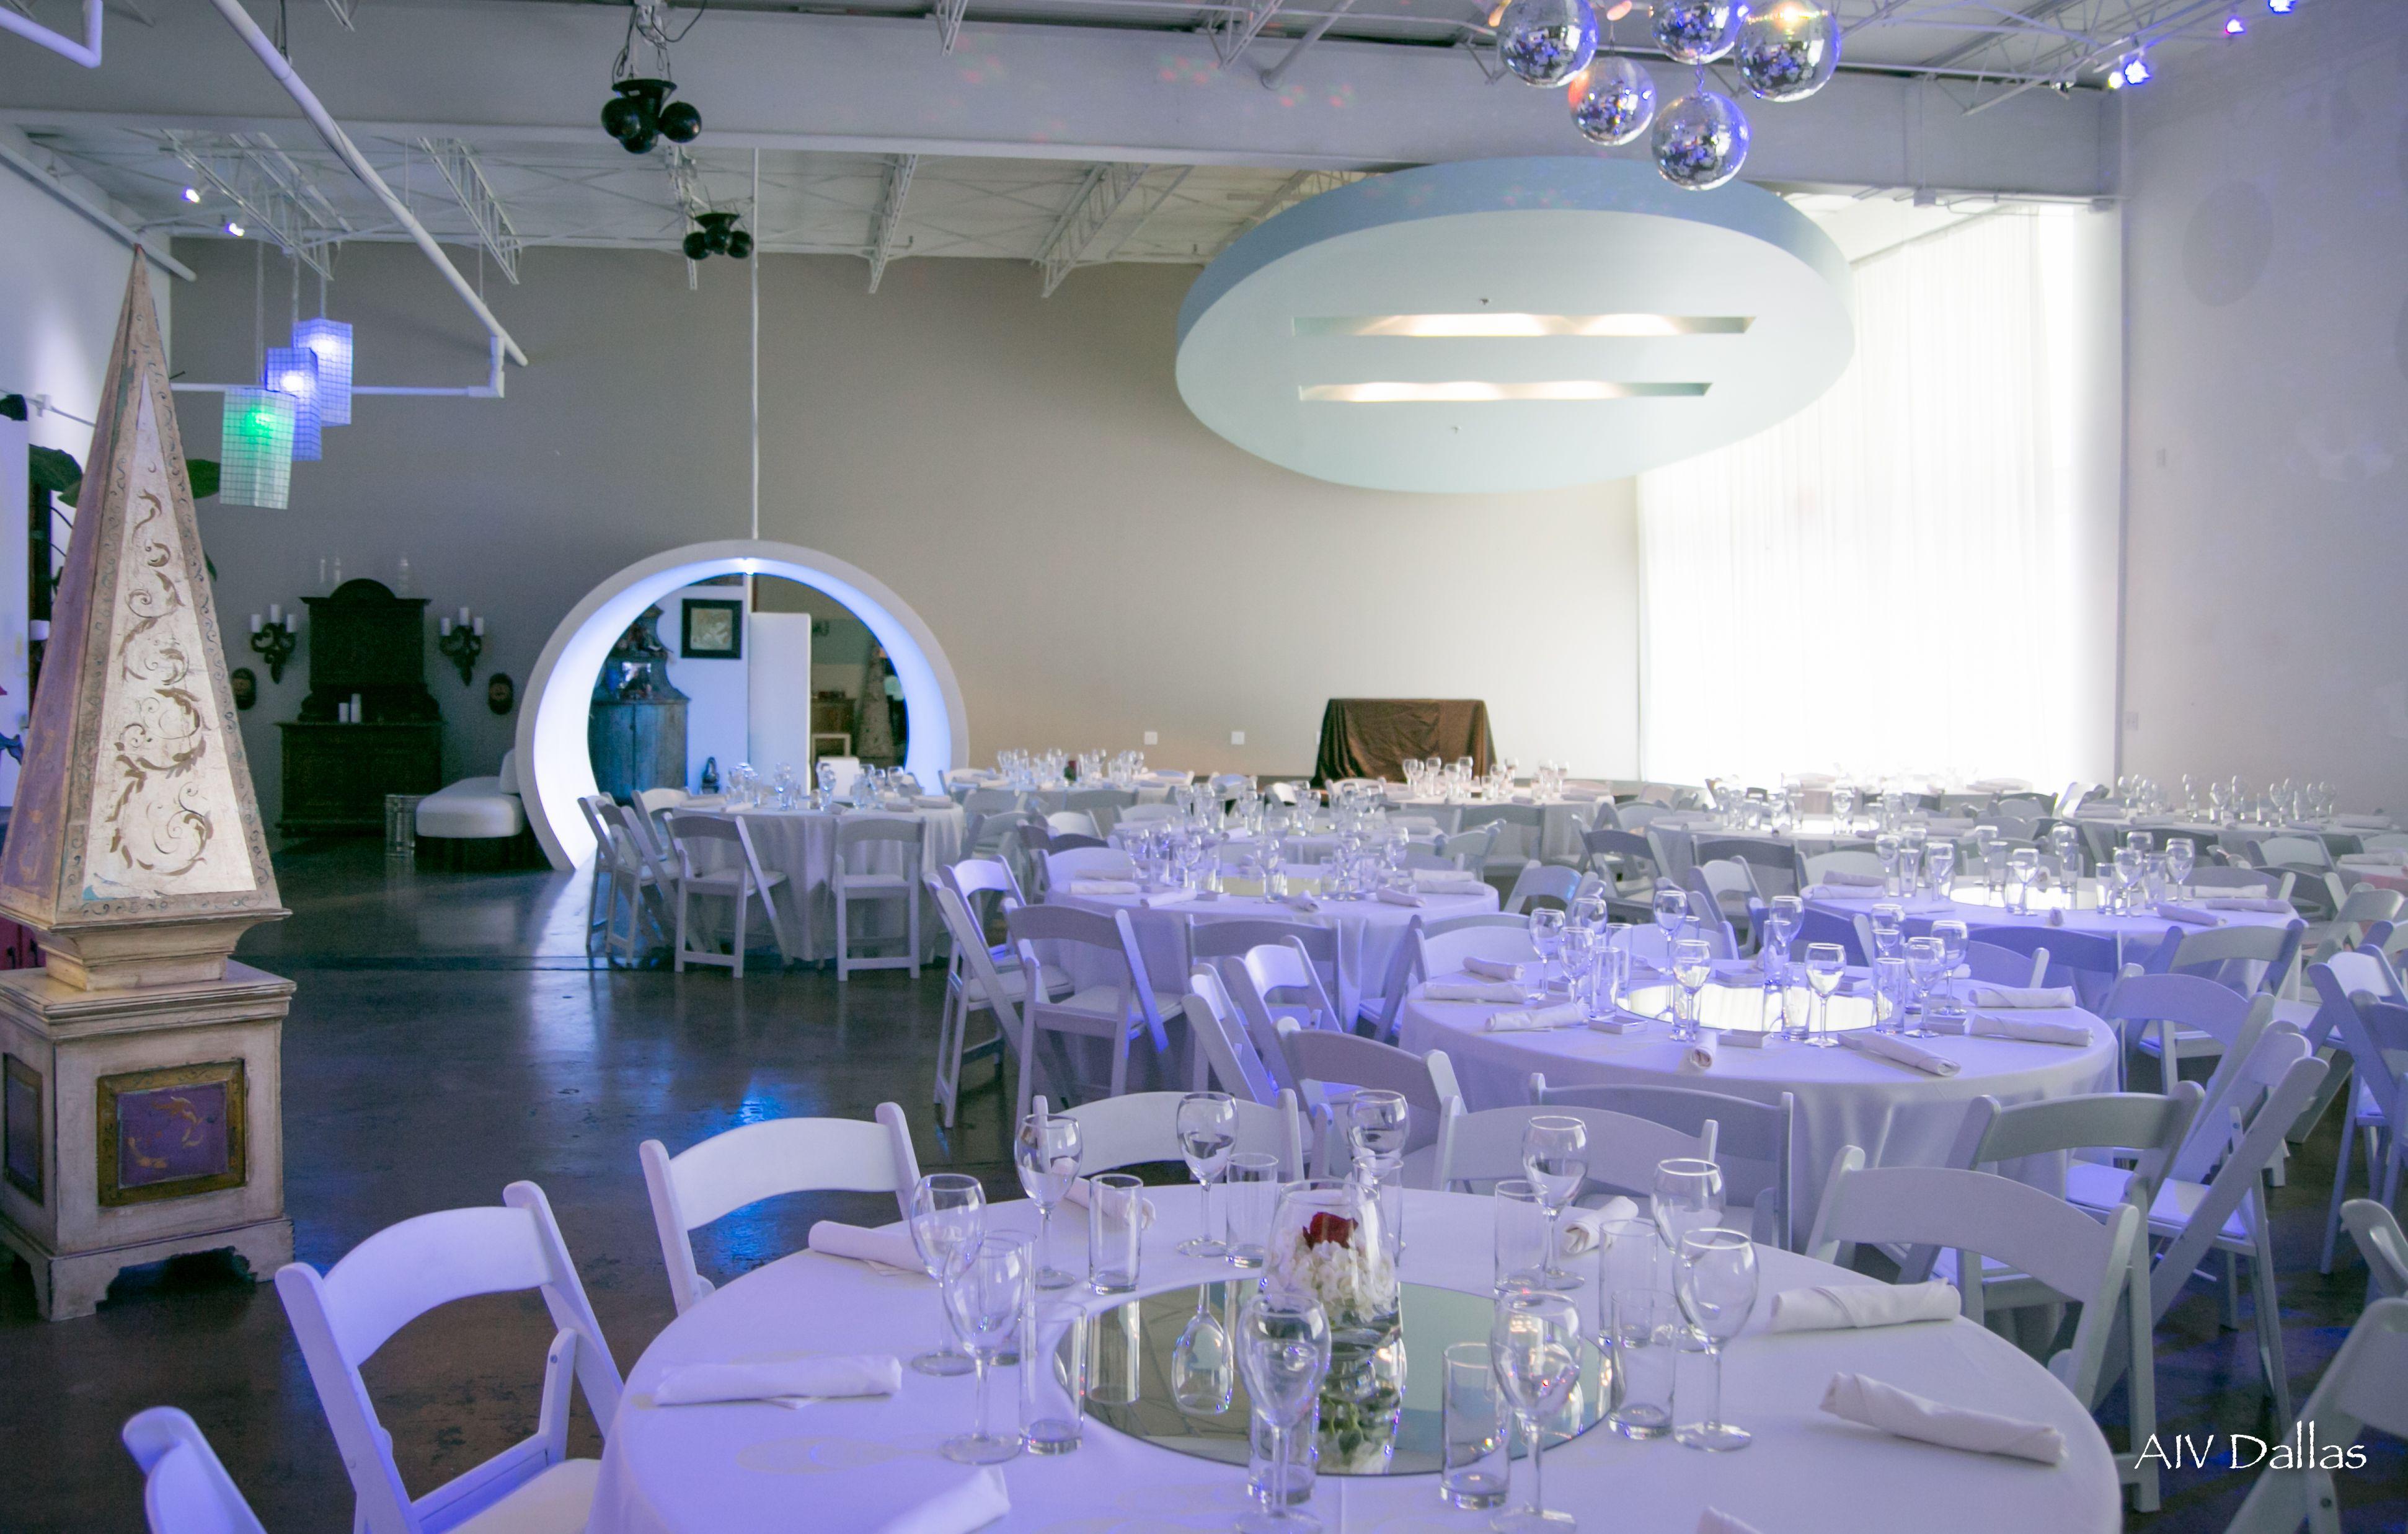 7 For Parties Wedding Venue Downtown Dallas Wendy Krispin Catering 7forparties Wedding Venu Wedding Venues Dallas Wedding Venues Wedding Venues Dallas Tx